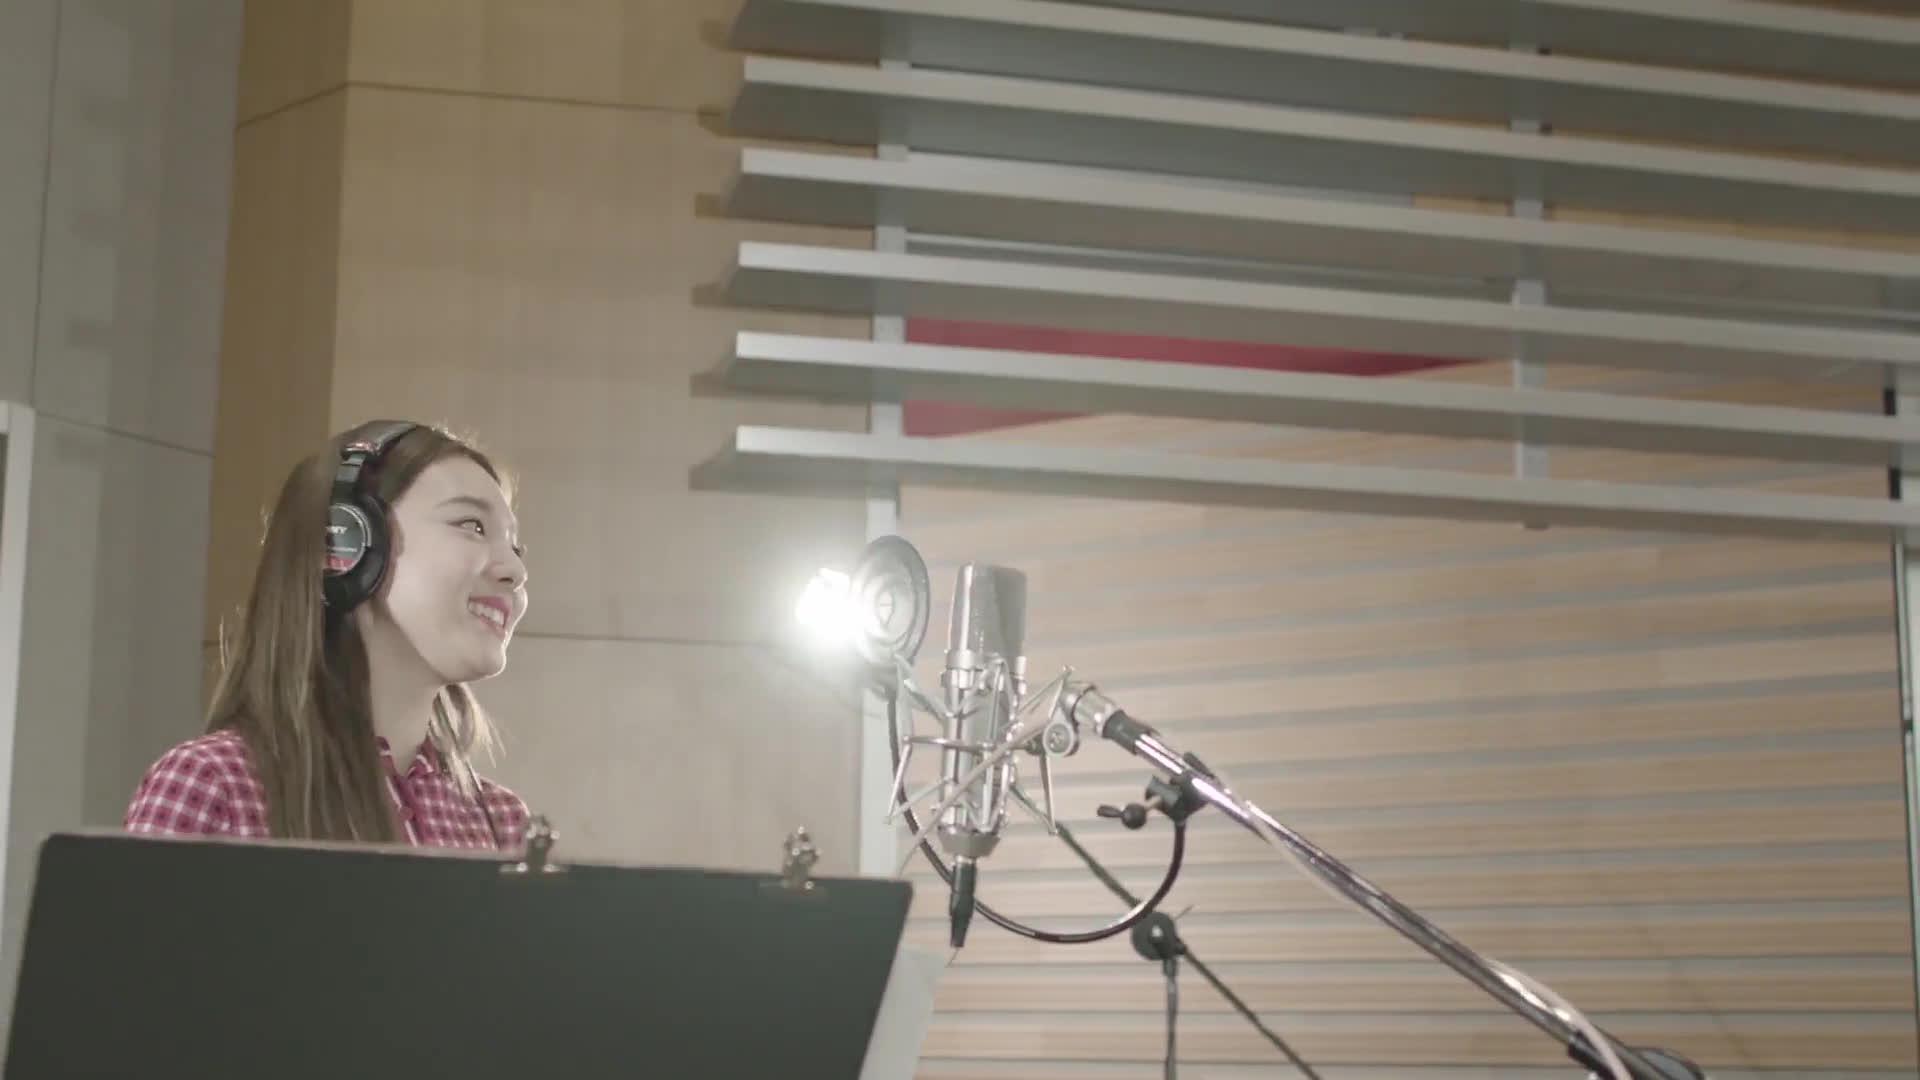 [AutoCut_nayeon] TWICE 1Q 하이라이트